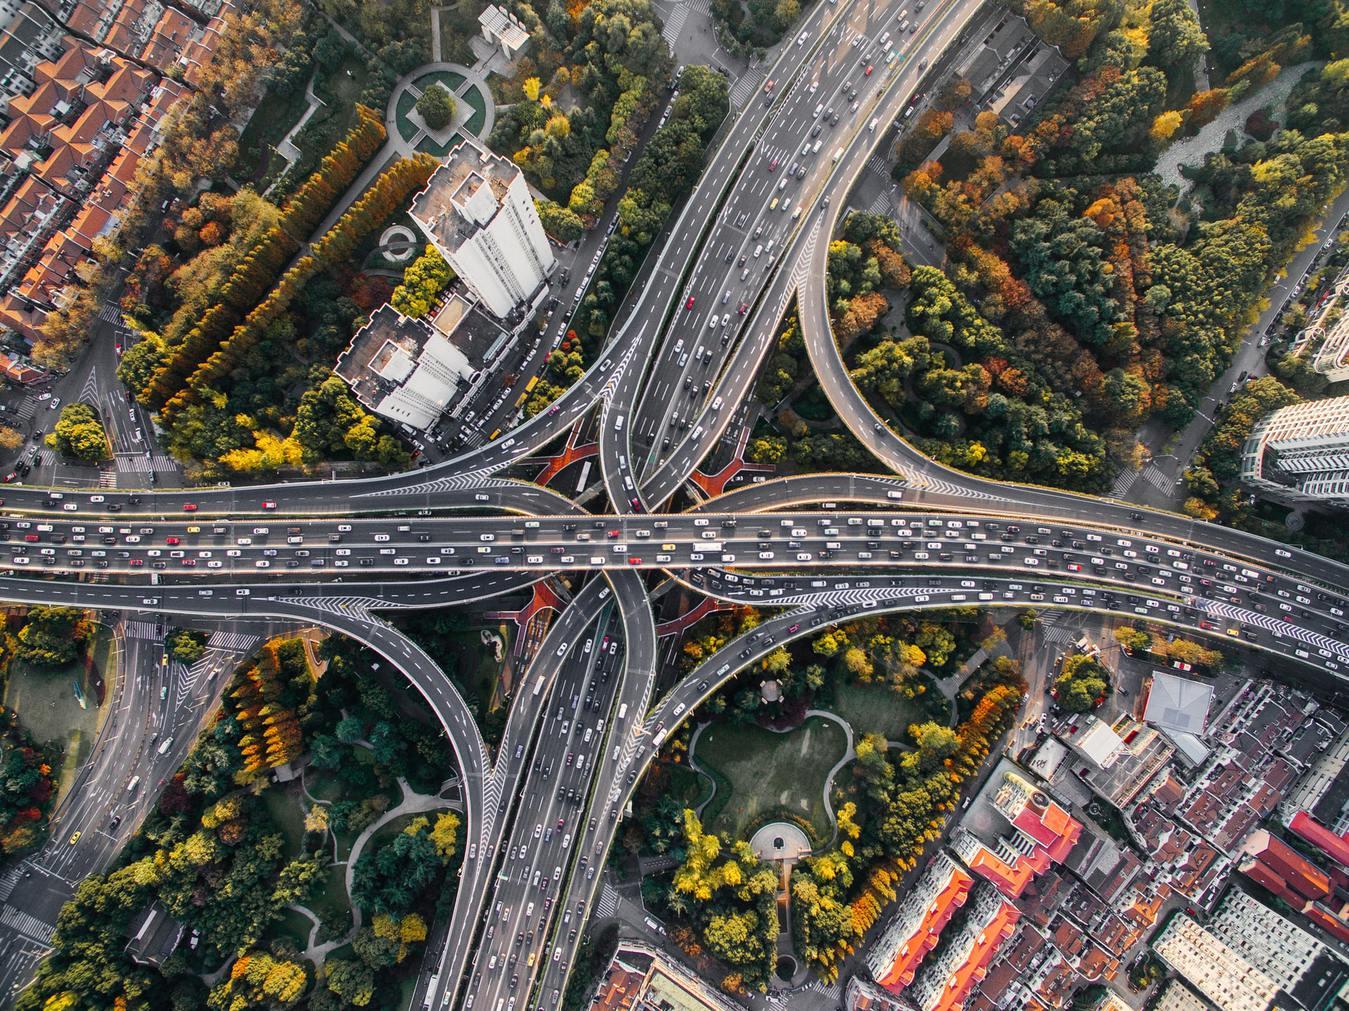 Vistá aérea do cruzamento de várias estradas